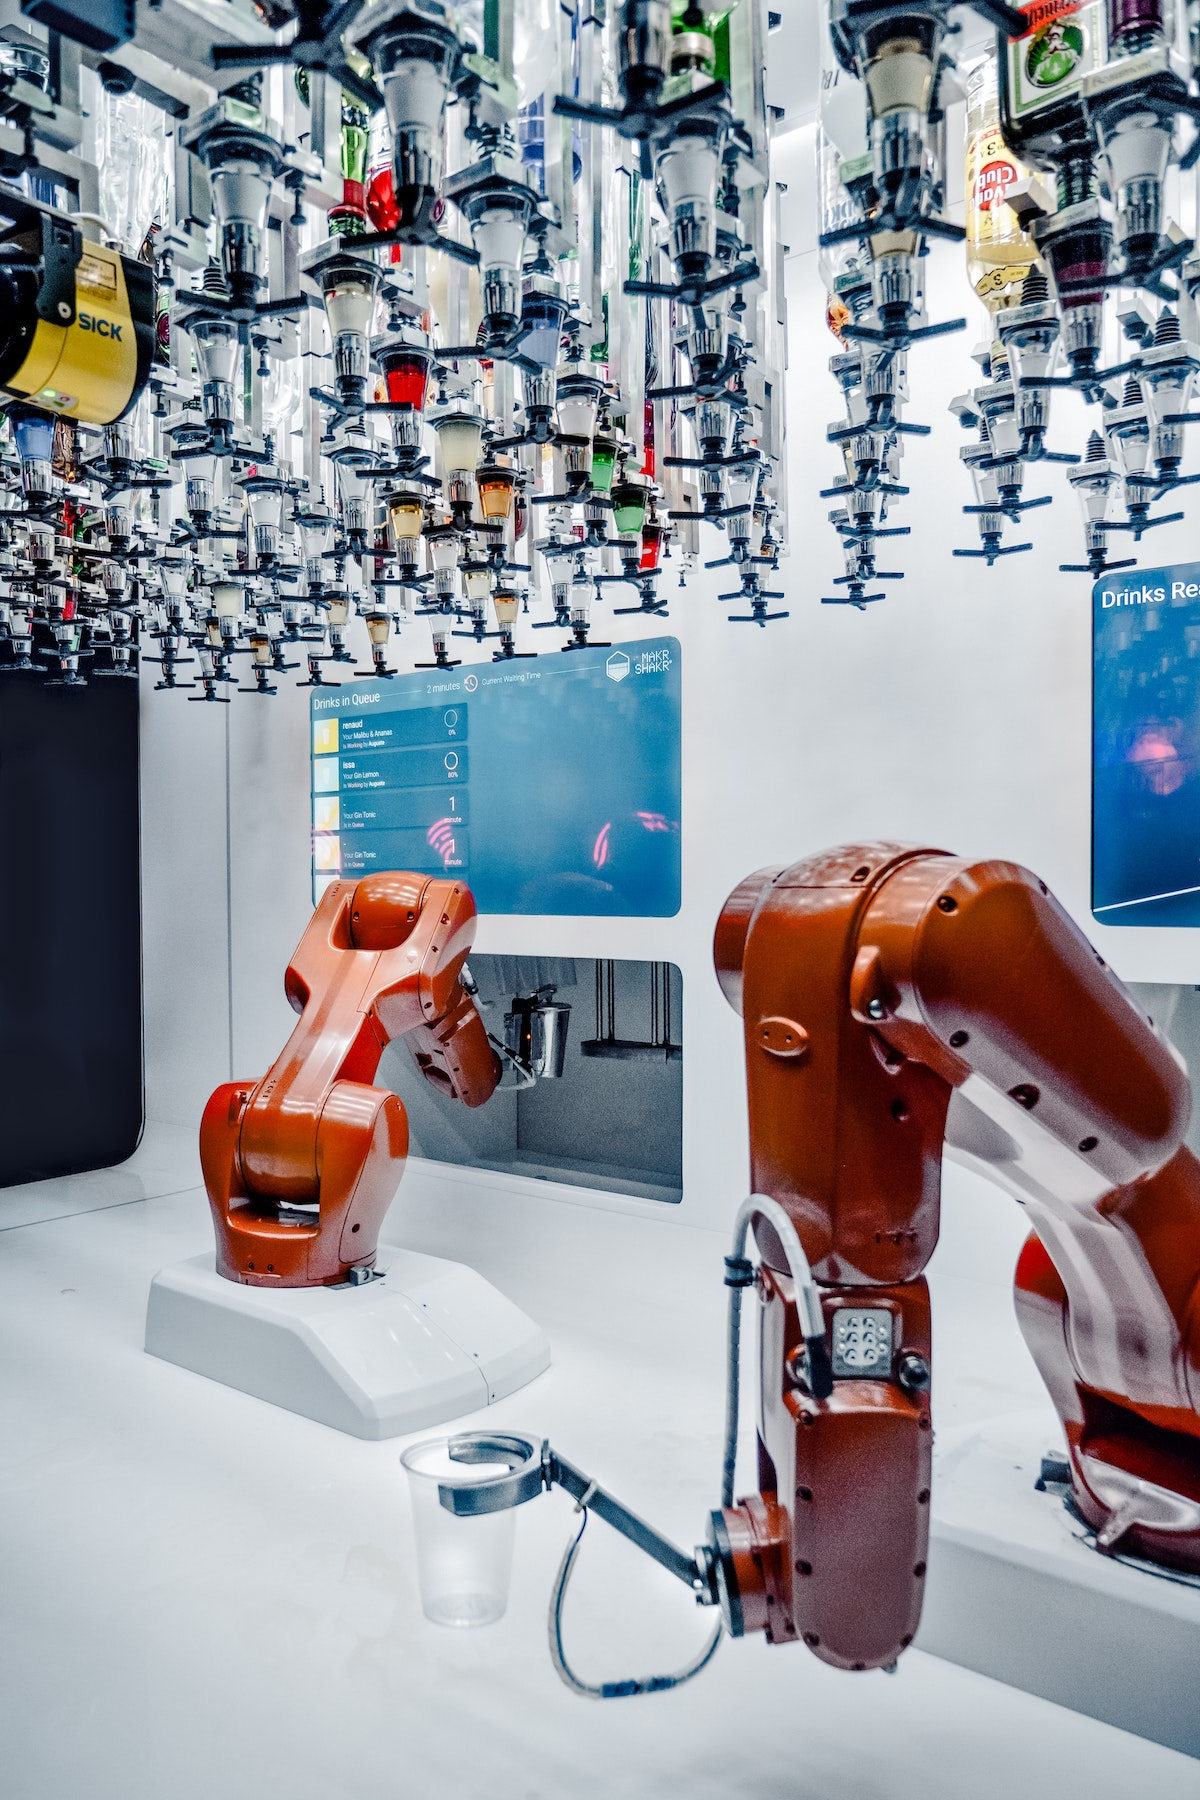 La automatización podría acabar con muchos puestos de trabajo